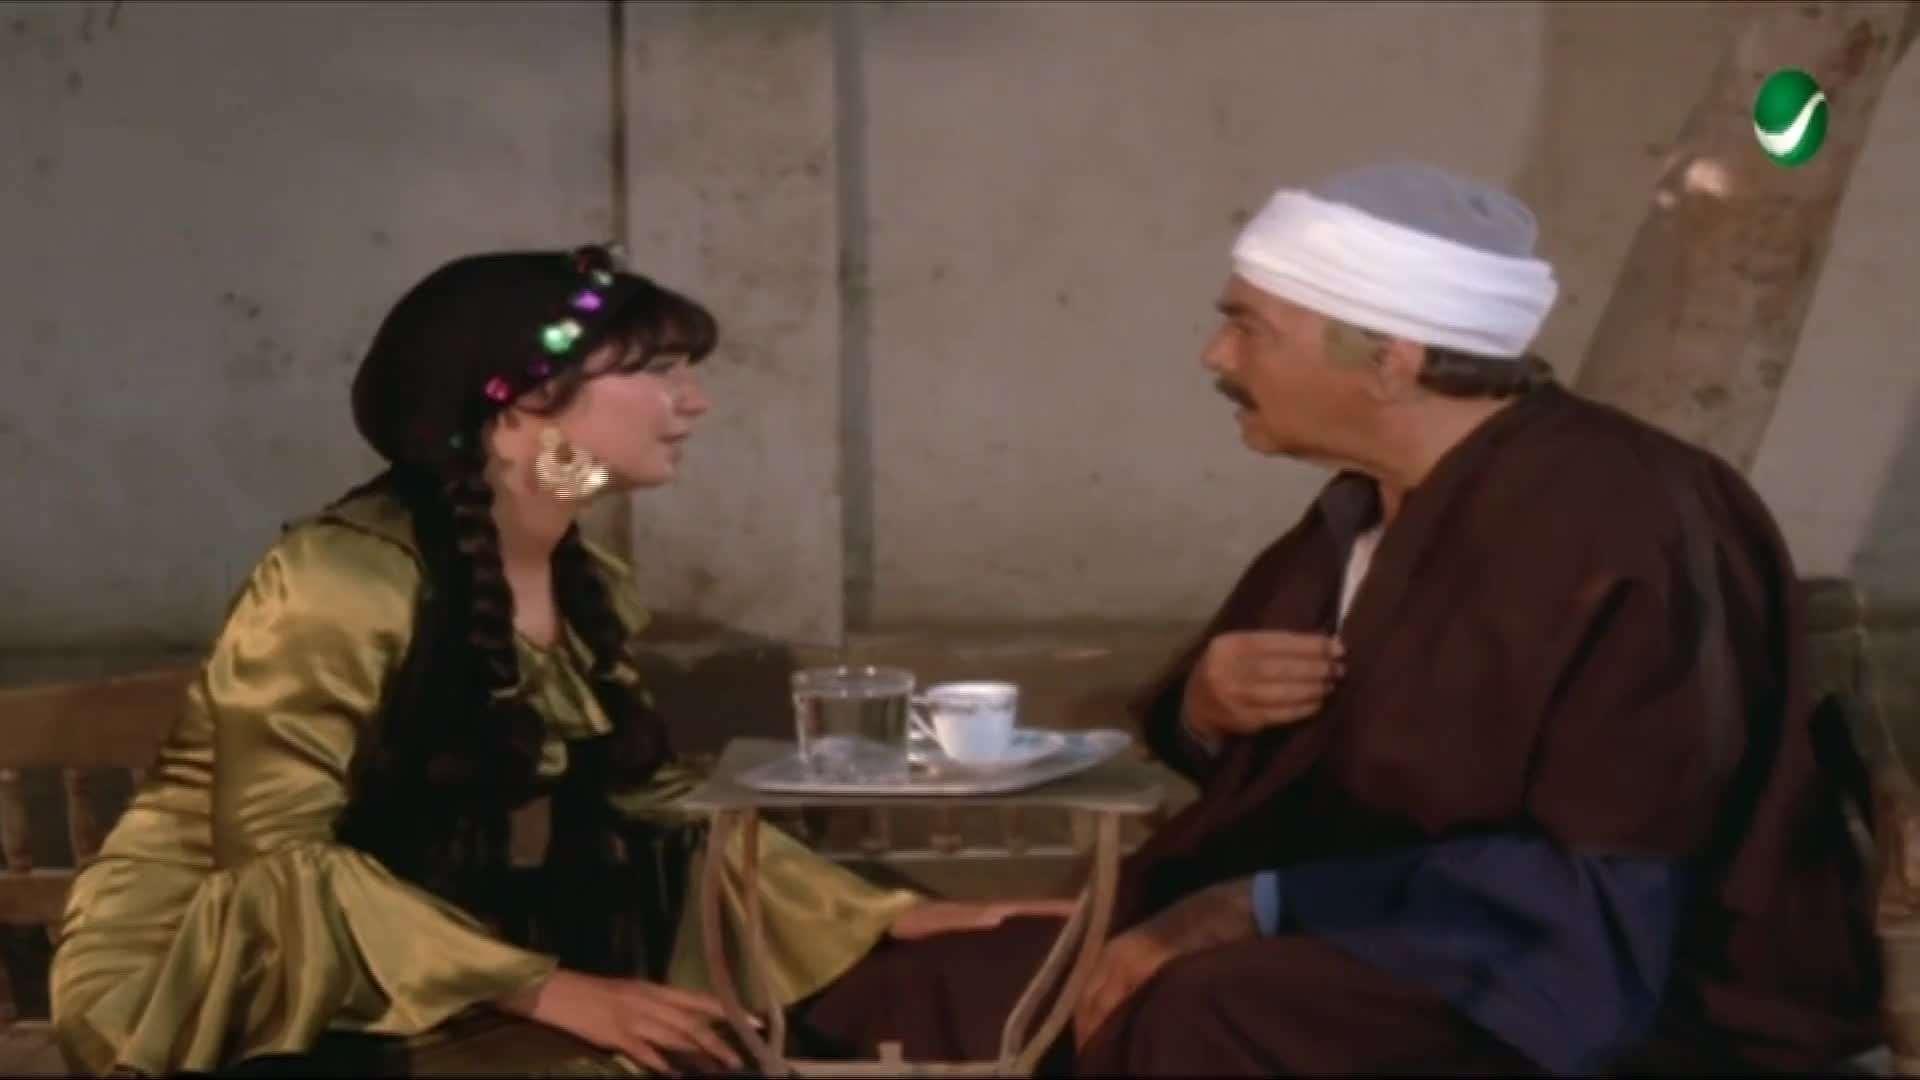 [فيلم][تورنت][تحميل][الجبلاوي][1991][1080p][Web-DL] 6 arabp2p.com